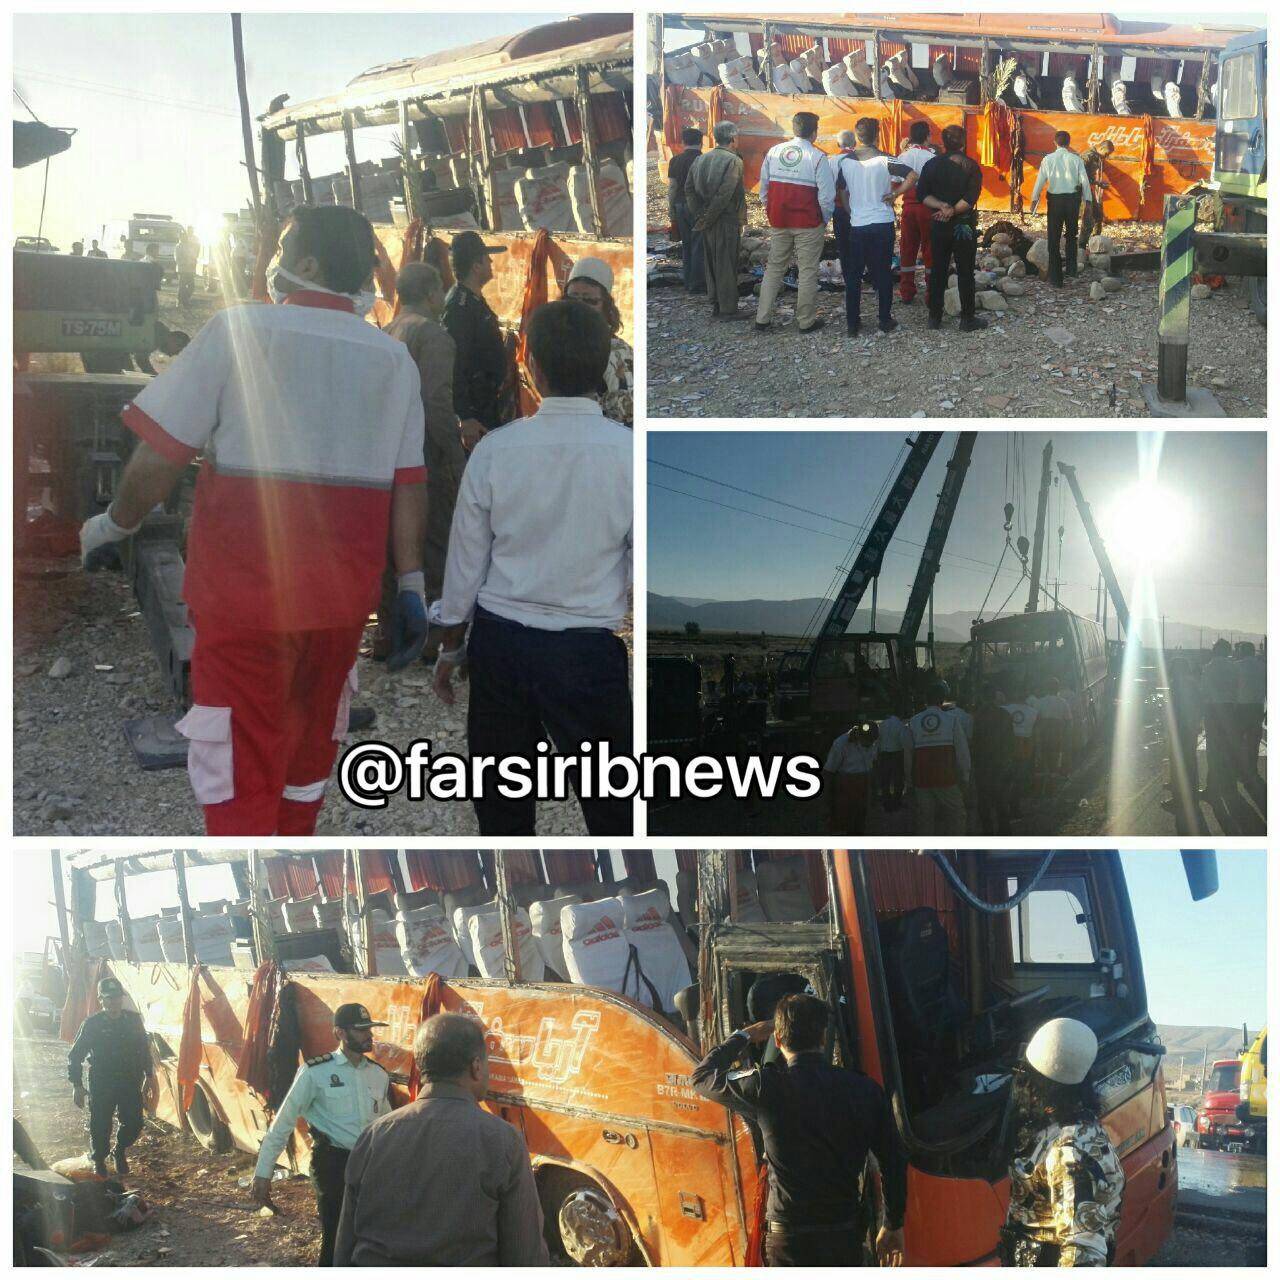 9 کشته و 34 زخمی در حادثه واژگونی اتوبوس دانشآموزان دختر عکس ...